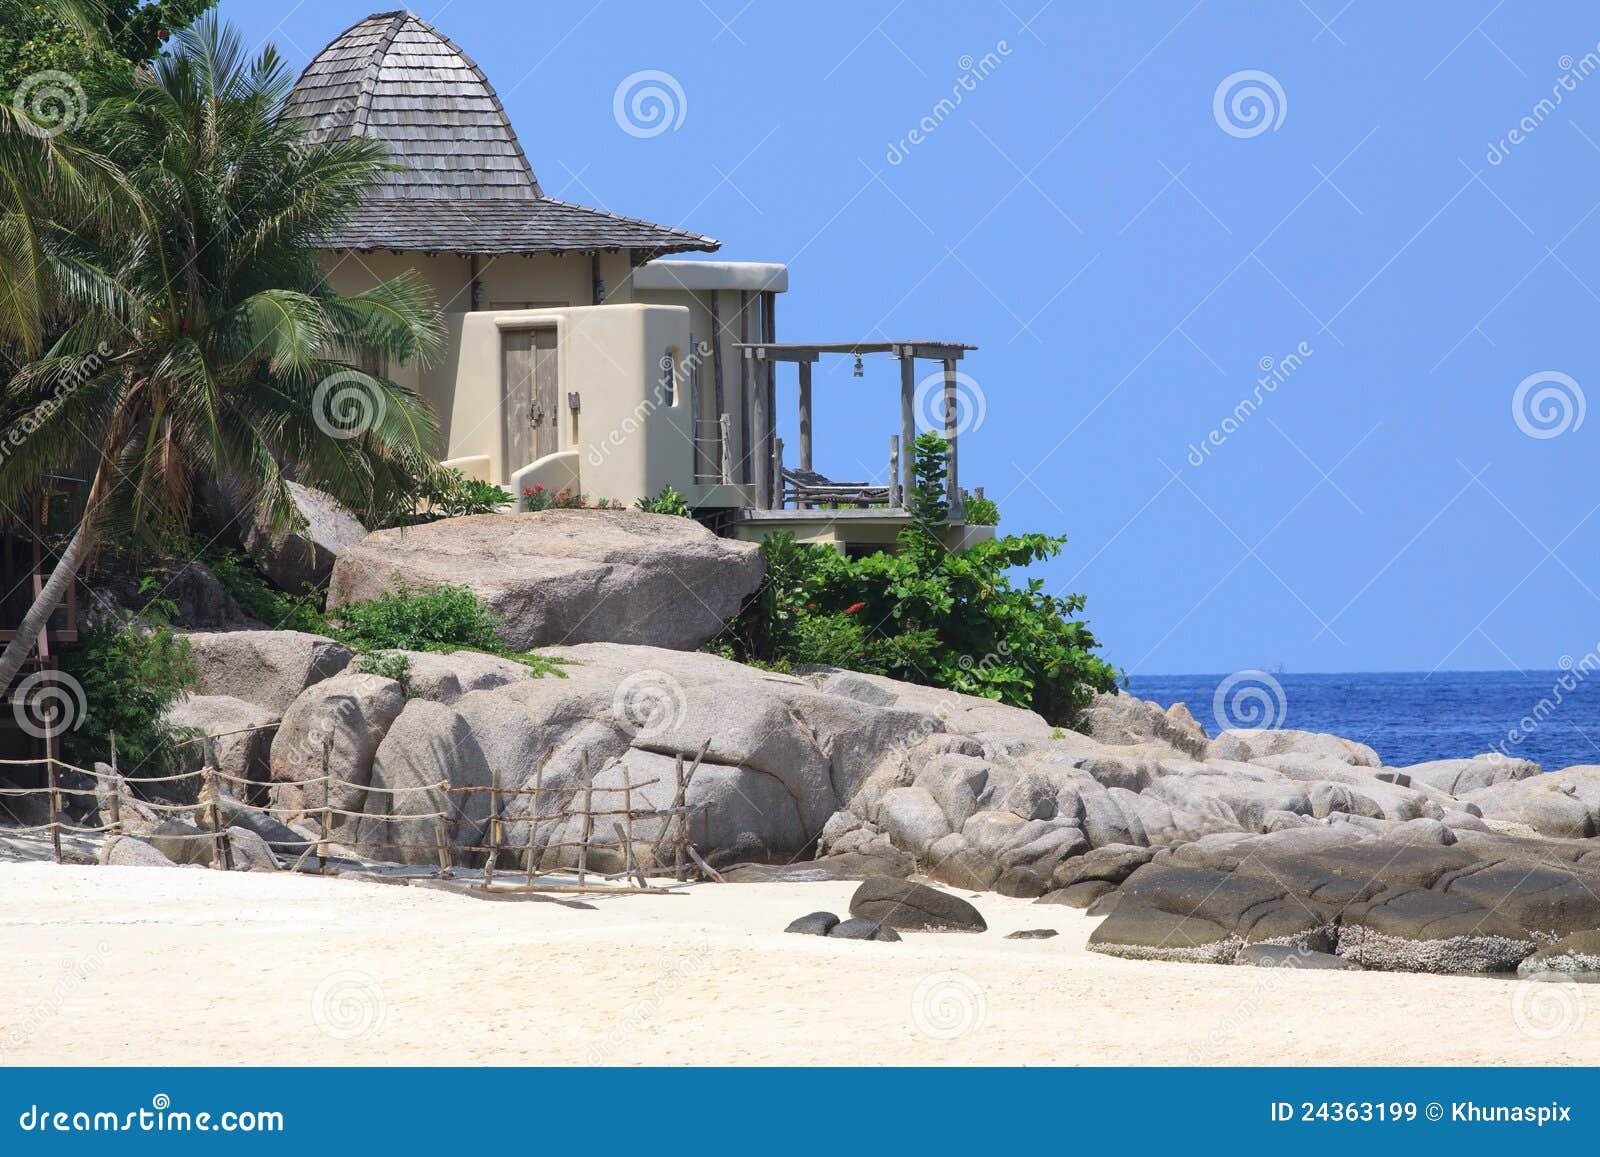 Eenzaam huis aan rots op zee kant royalty vrije stock afbeeldingen beeld 24363199 - Witte salontafel thuisbasis van de wereldberoemde ...